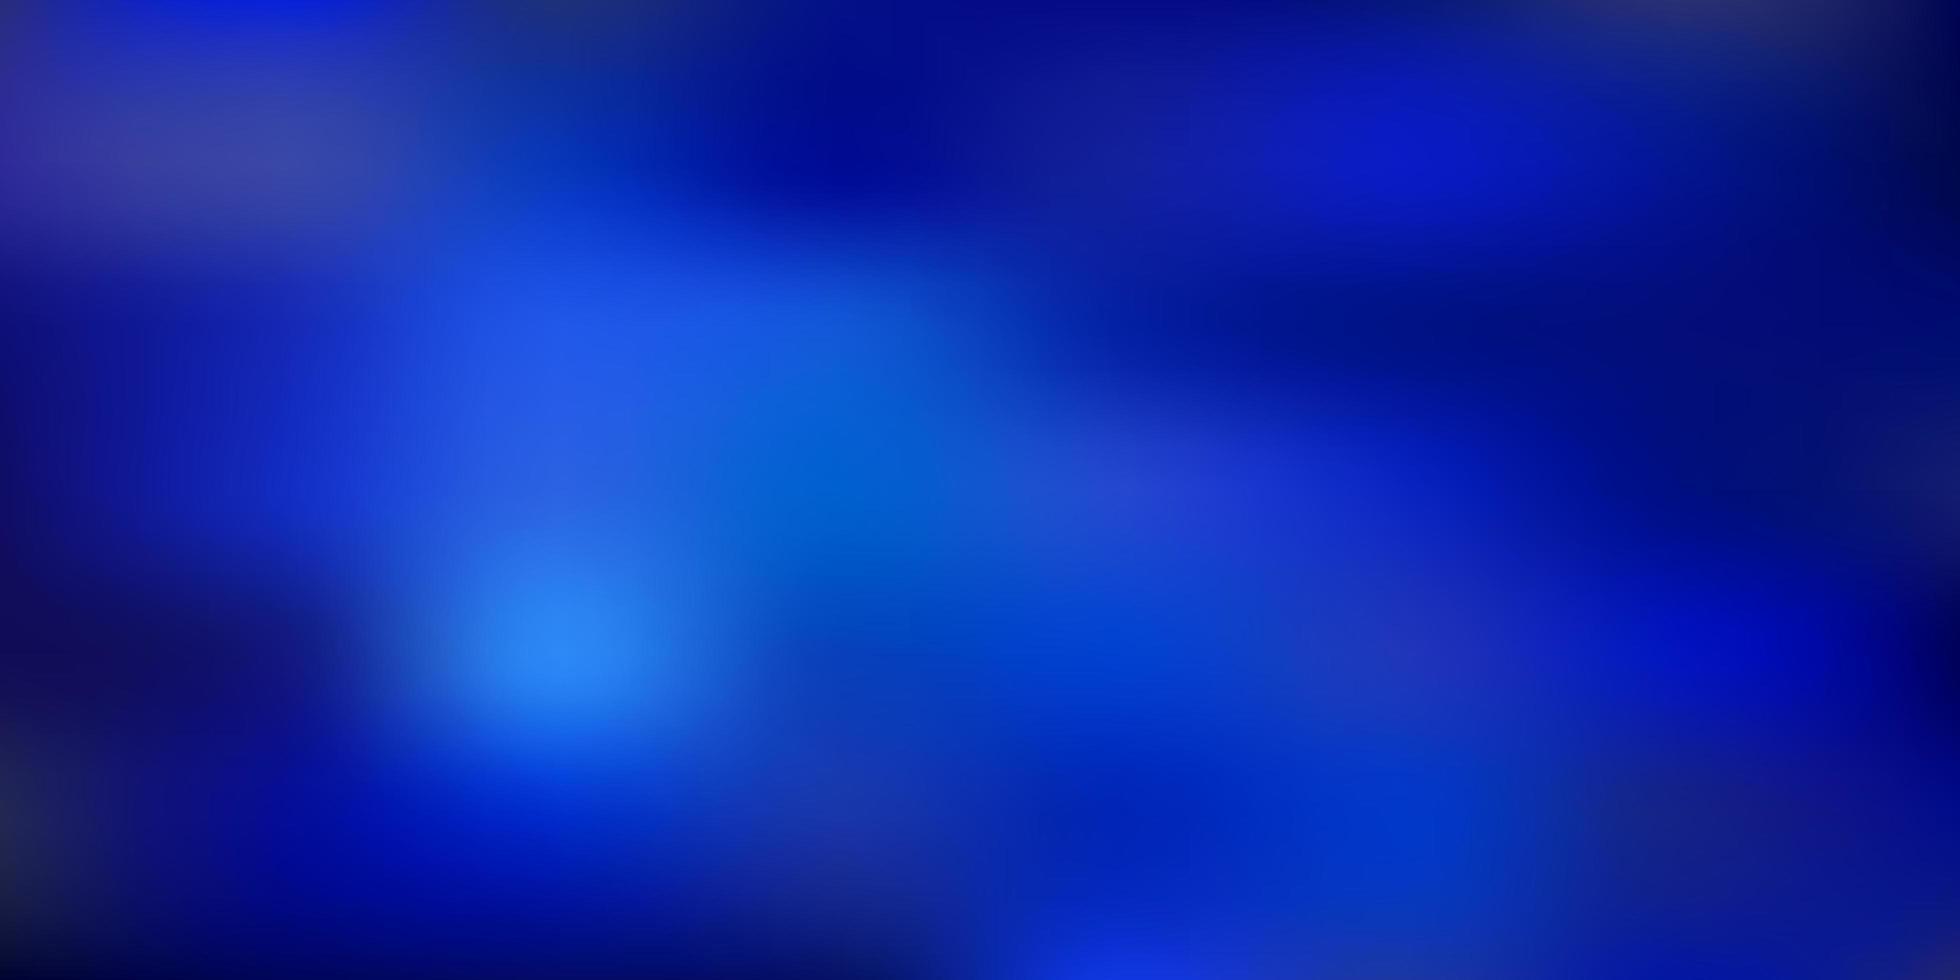 Dark blue vector blurred background.